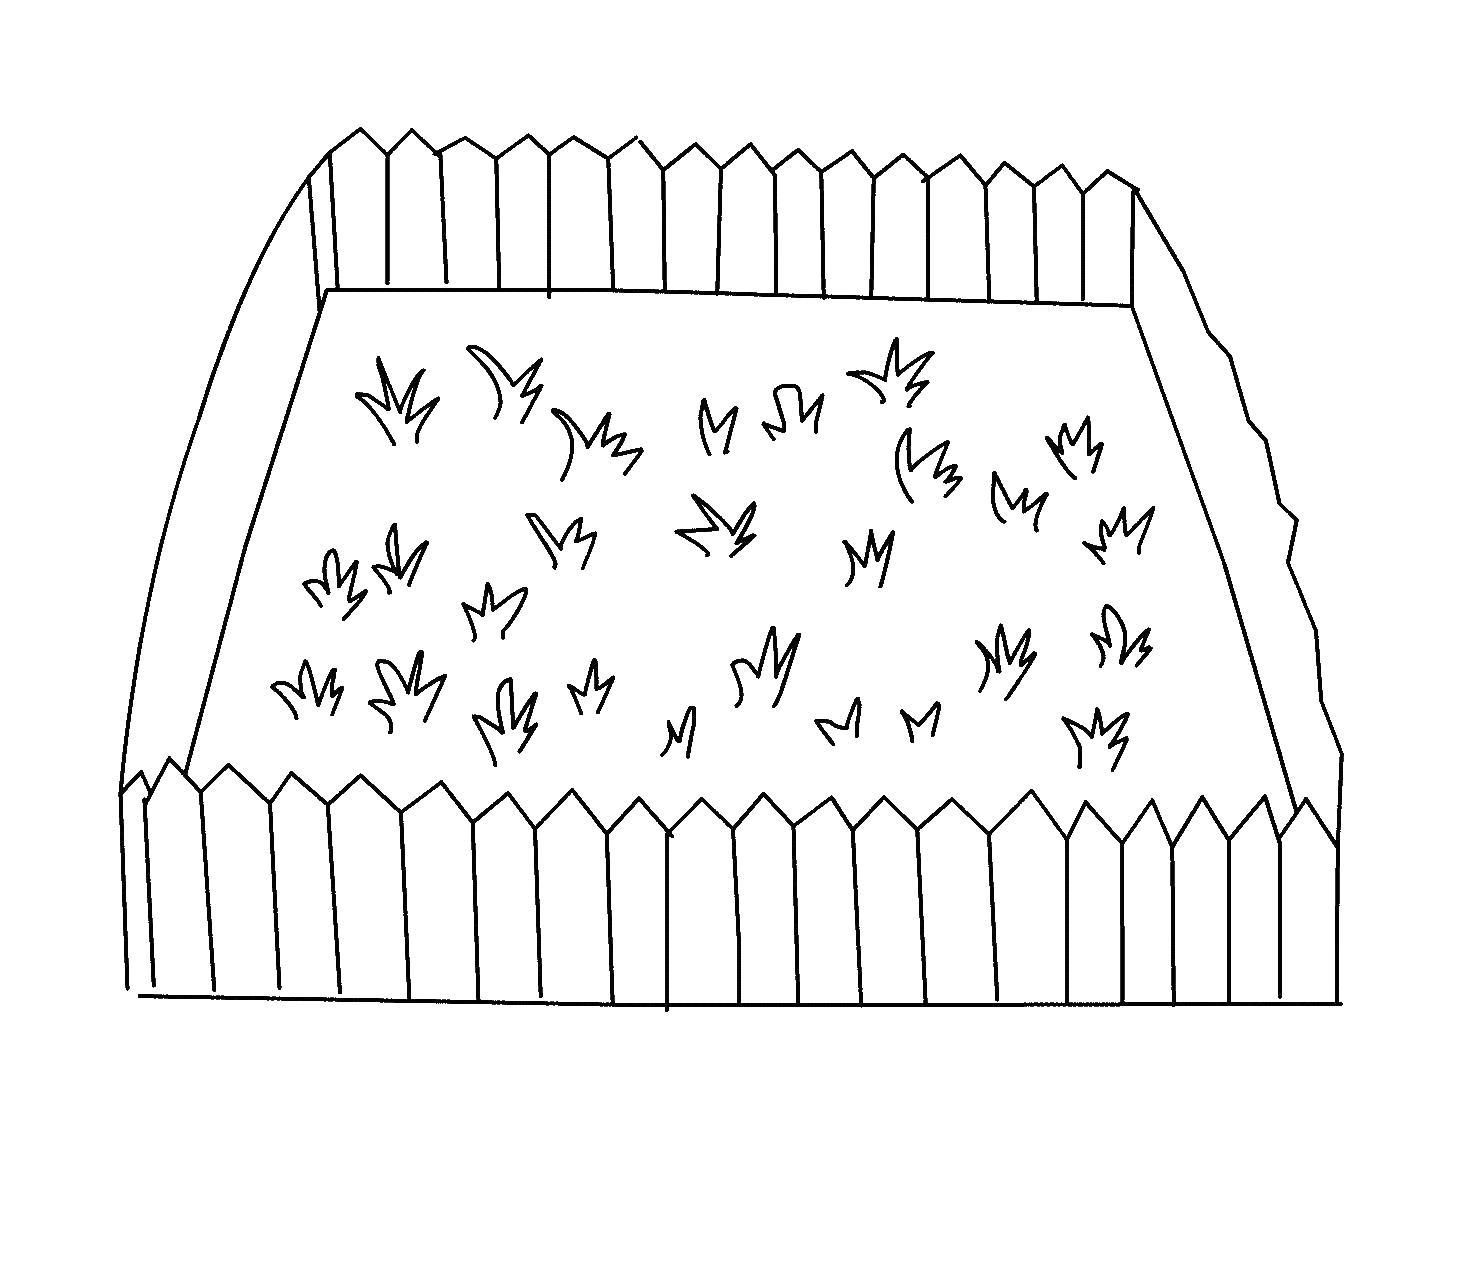 Трава и цветы на участке с забором Раскраски цветочки для детей бесплатно